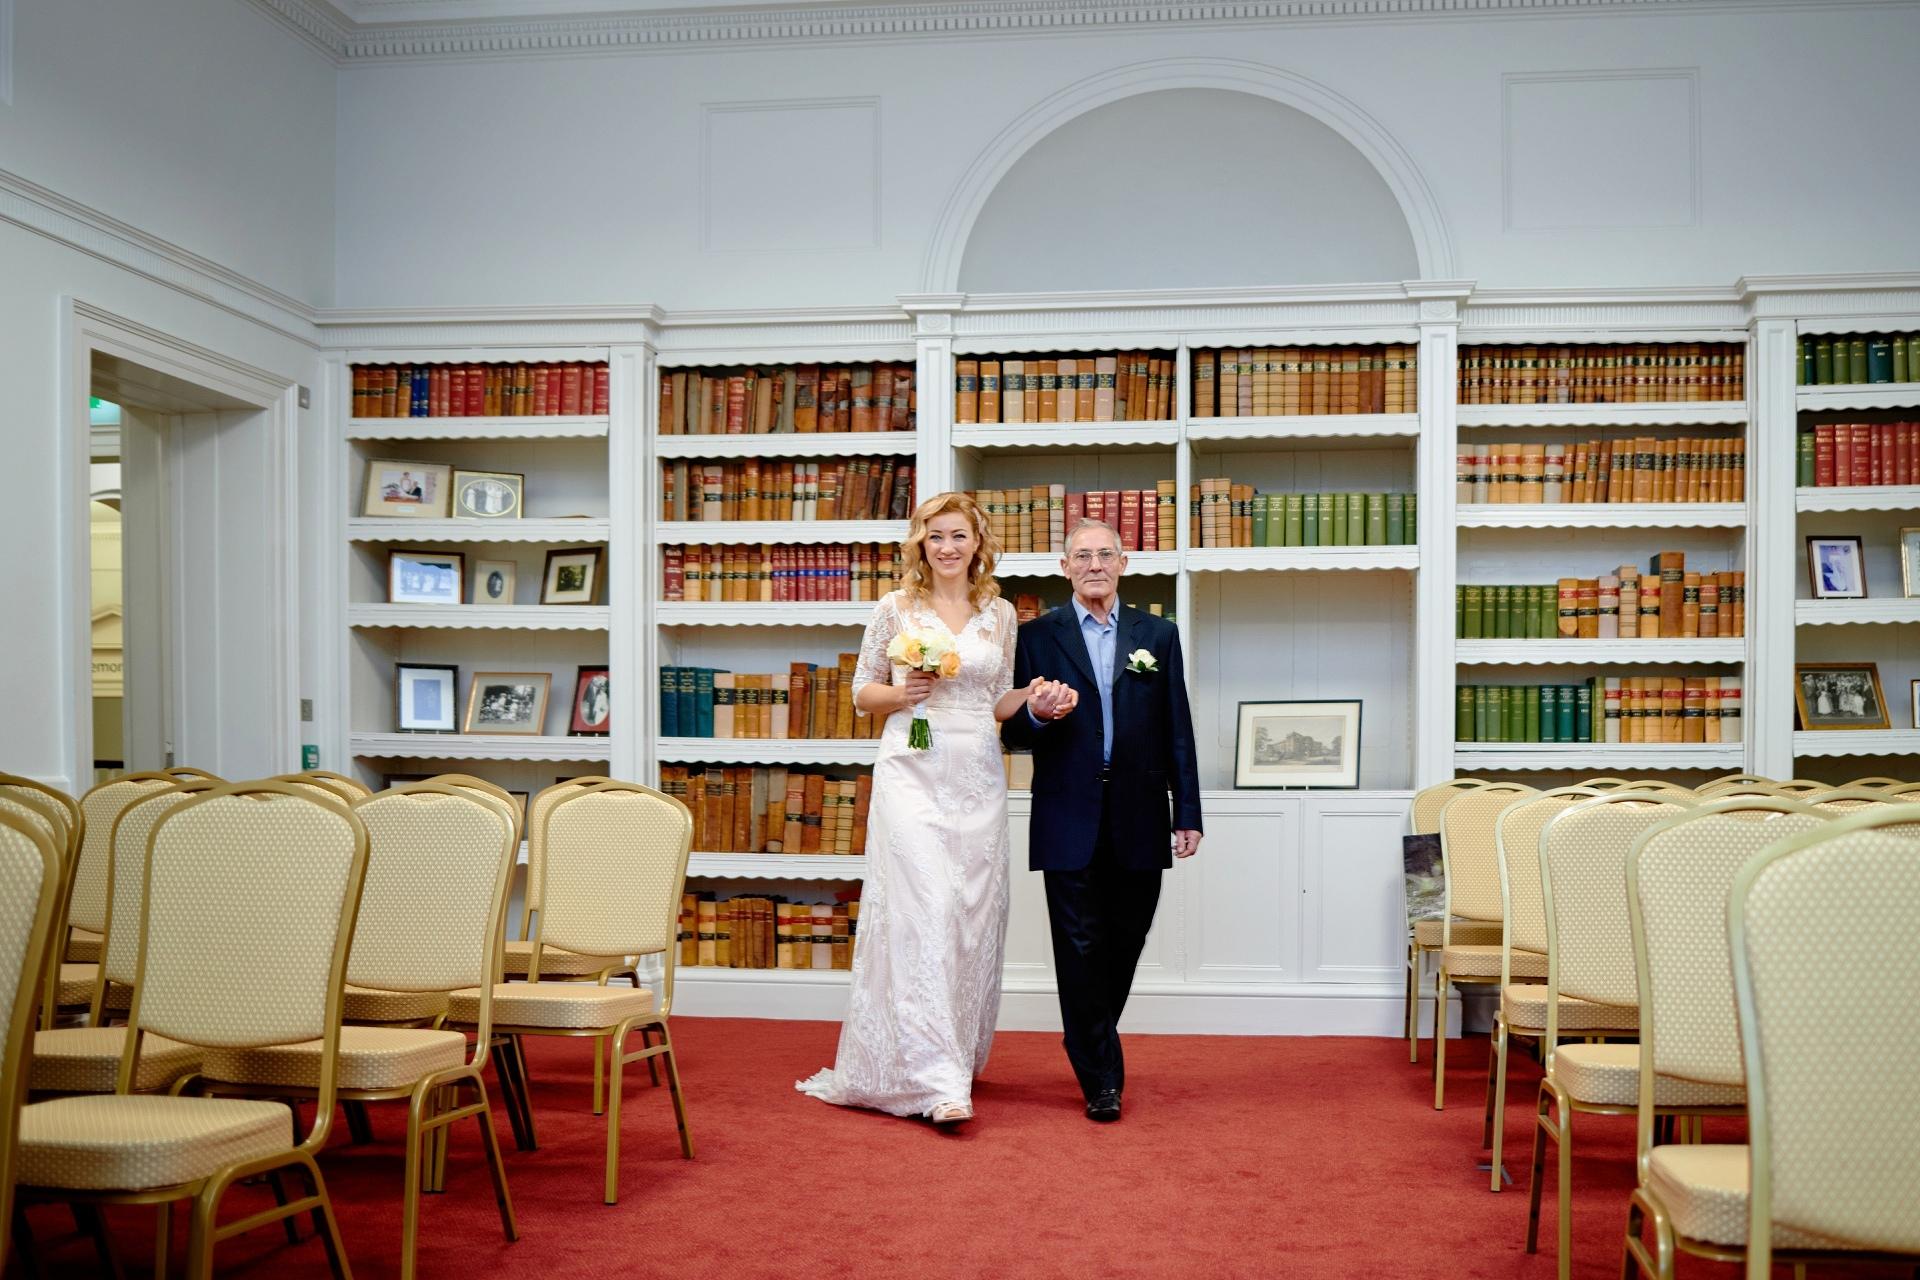 Ceremoniefoto - Salisbury Registry Office | Vader van de bruid was zo trots om zijn mooie dochter op die speciale dag te leiden